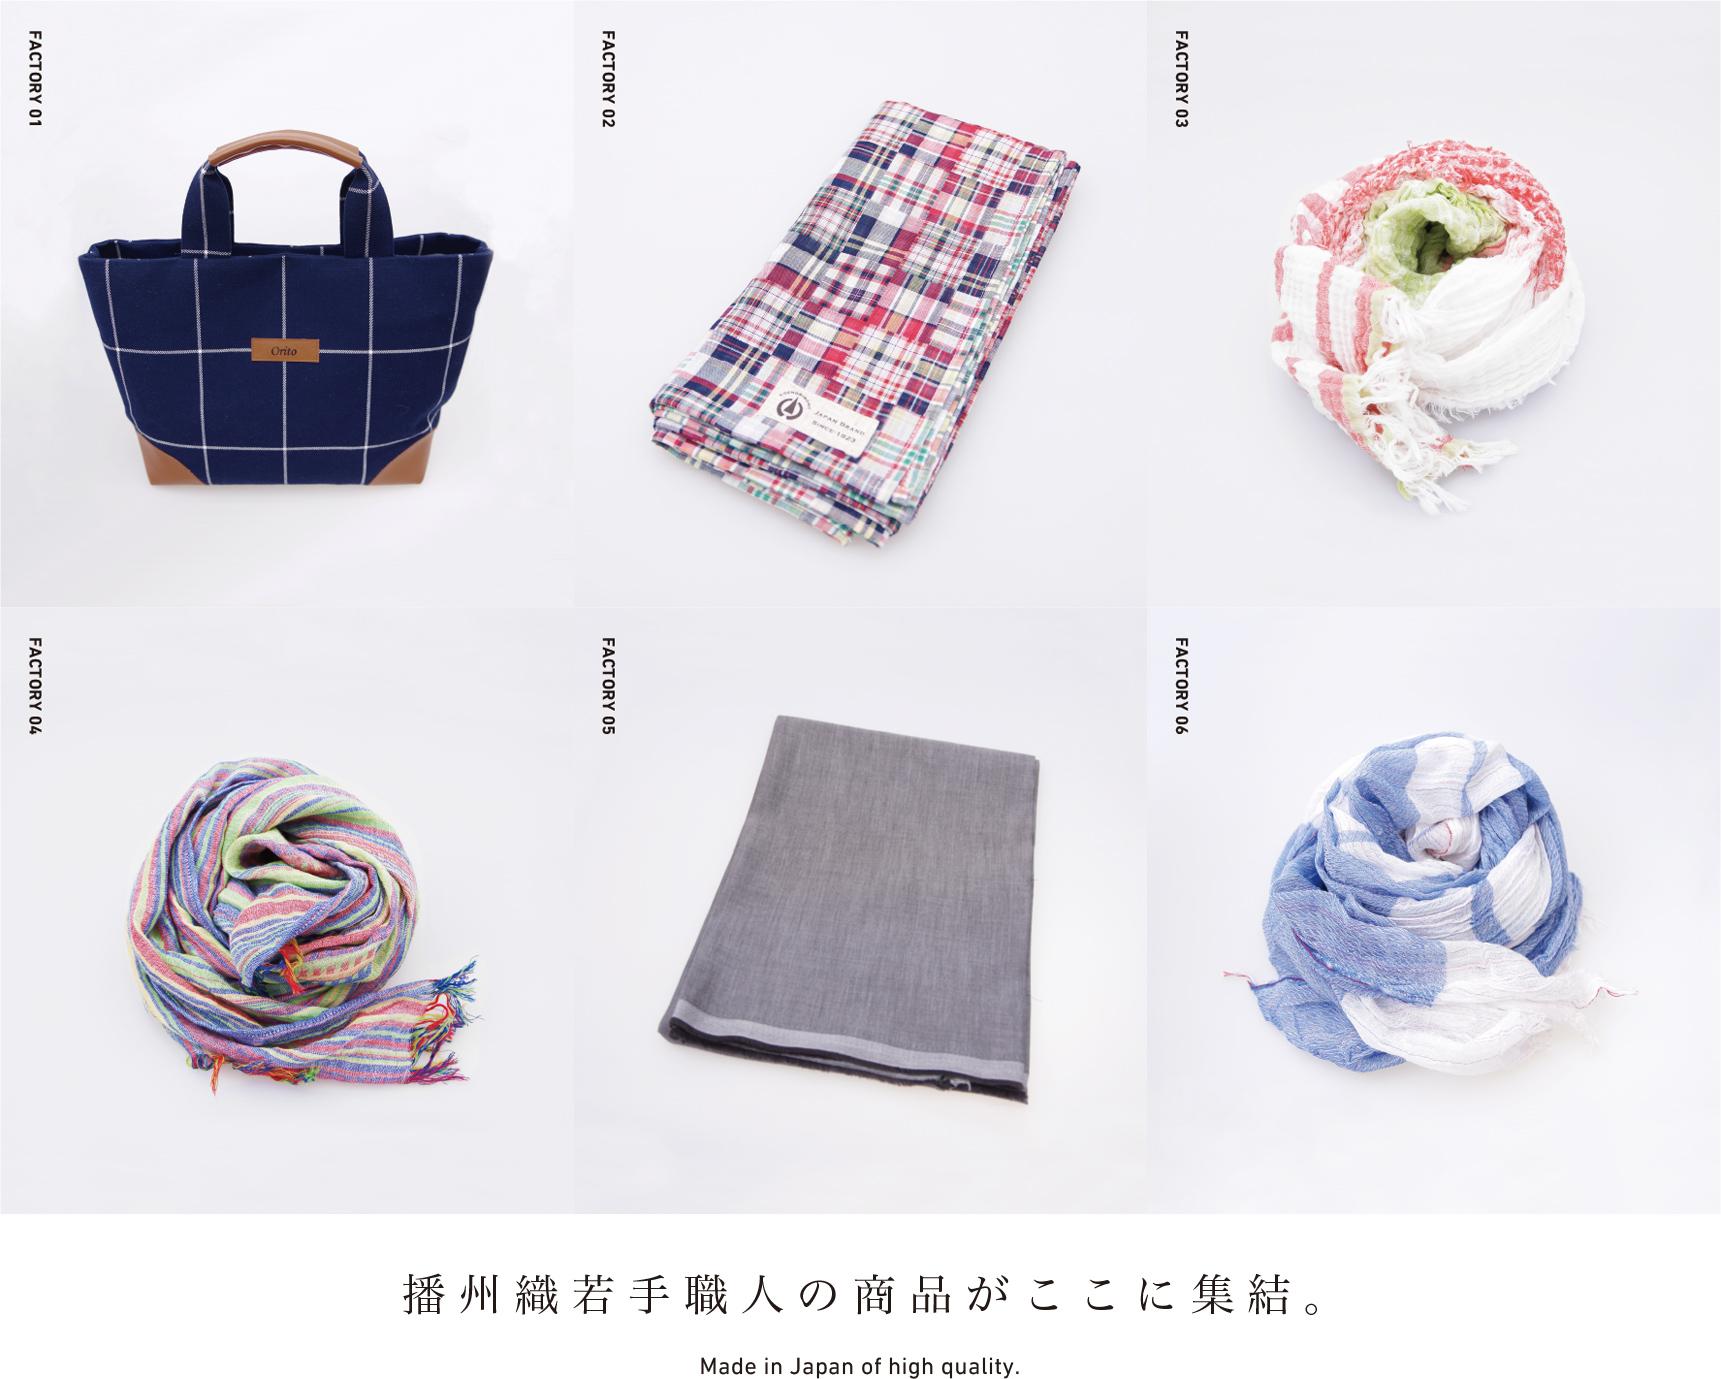 播州織ネクストジャパンの商品